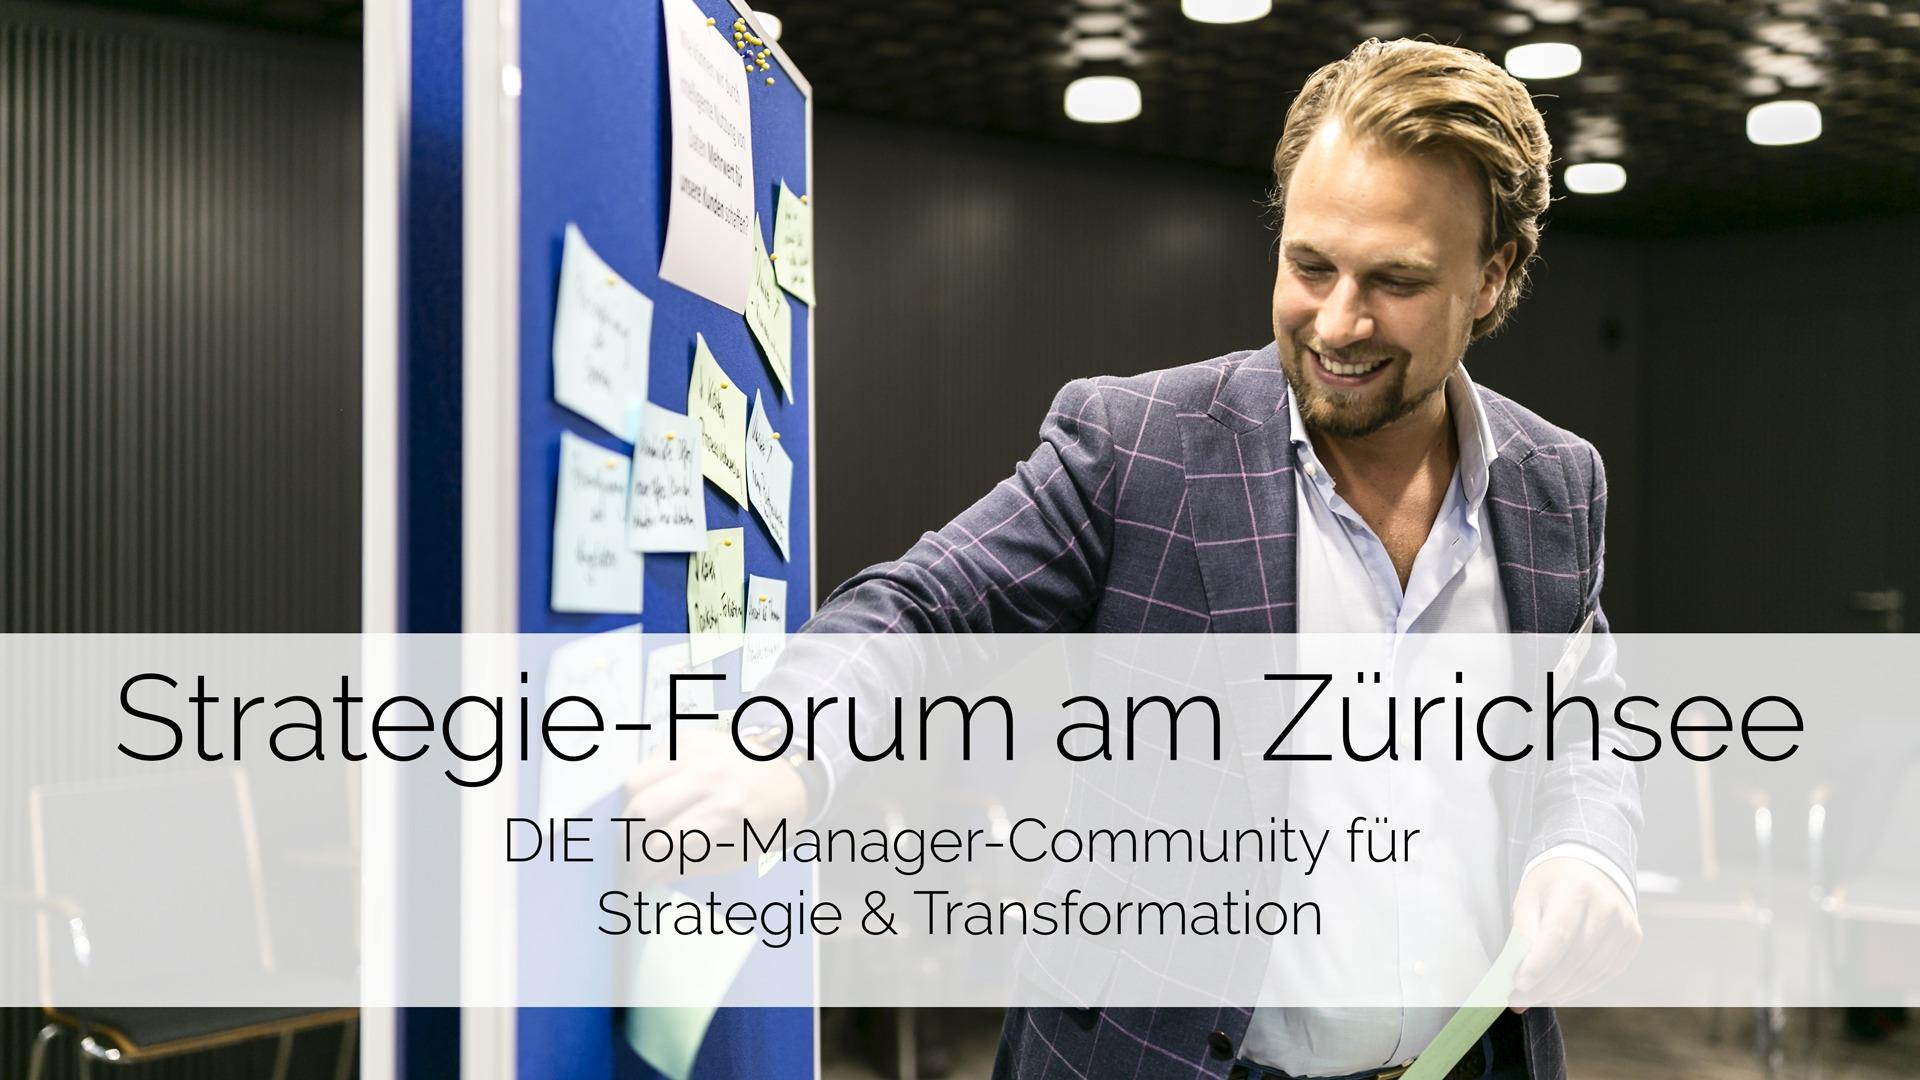 Strategie-Forum am Zürichsee